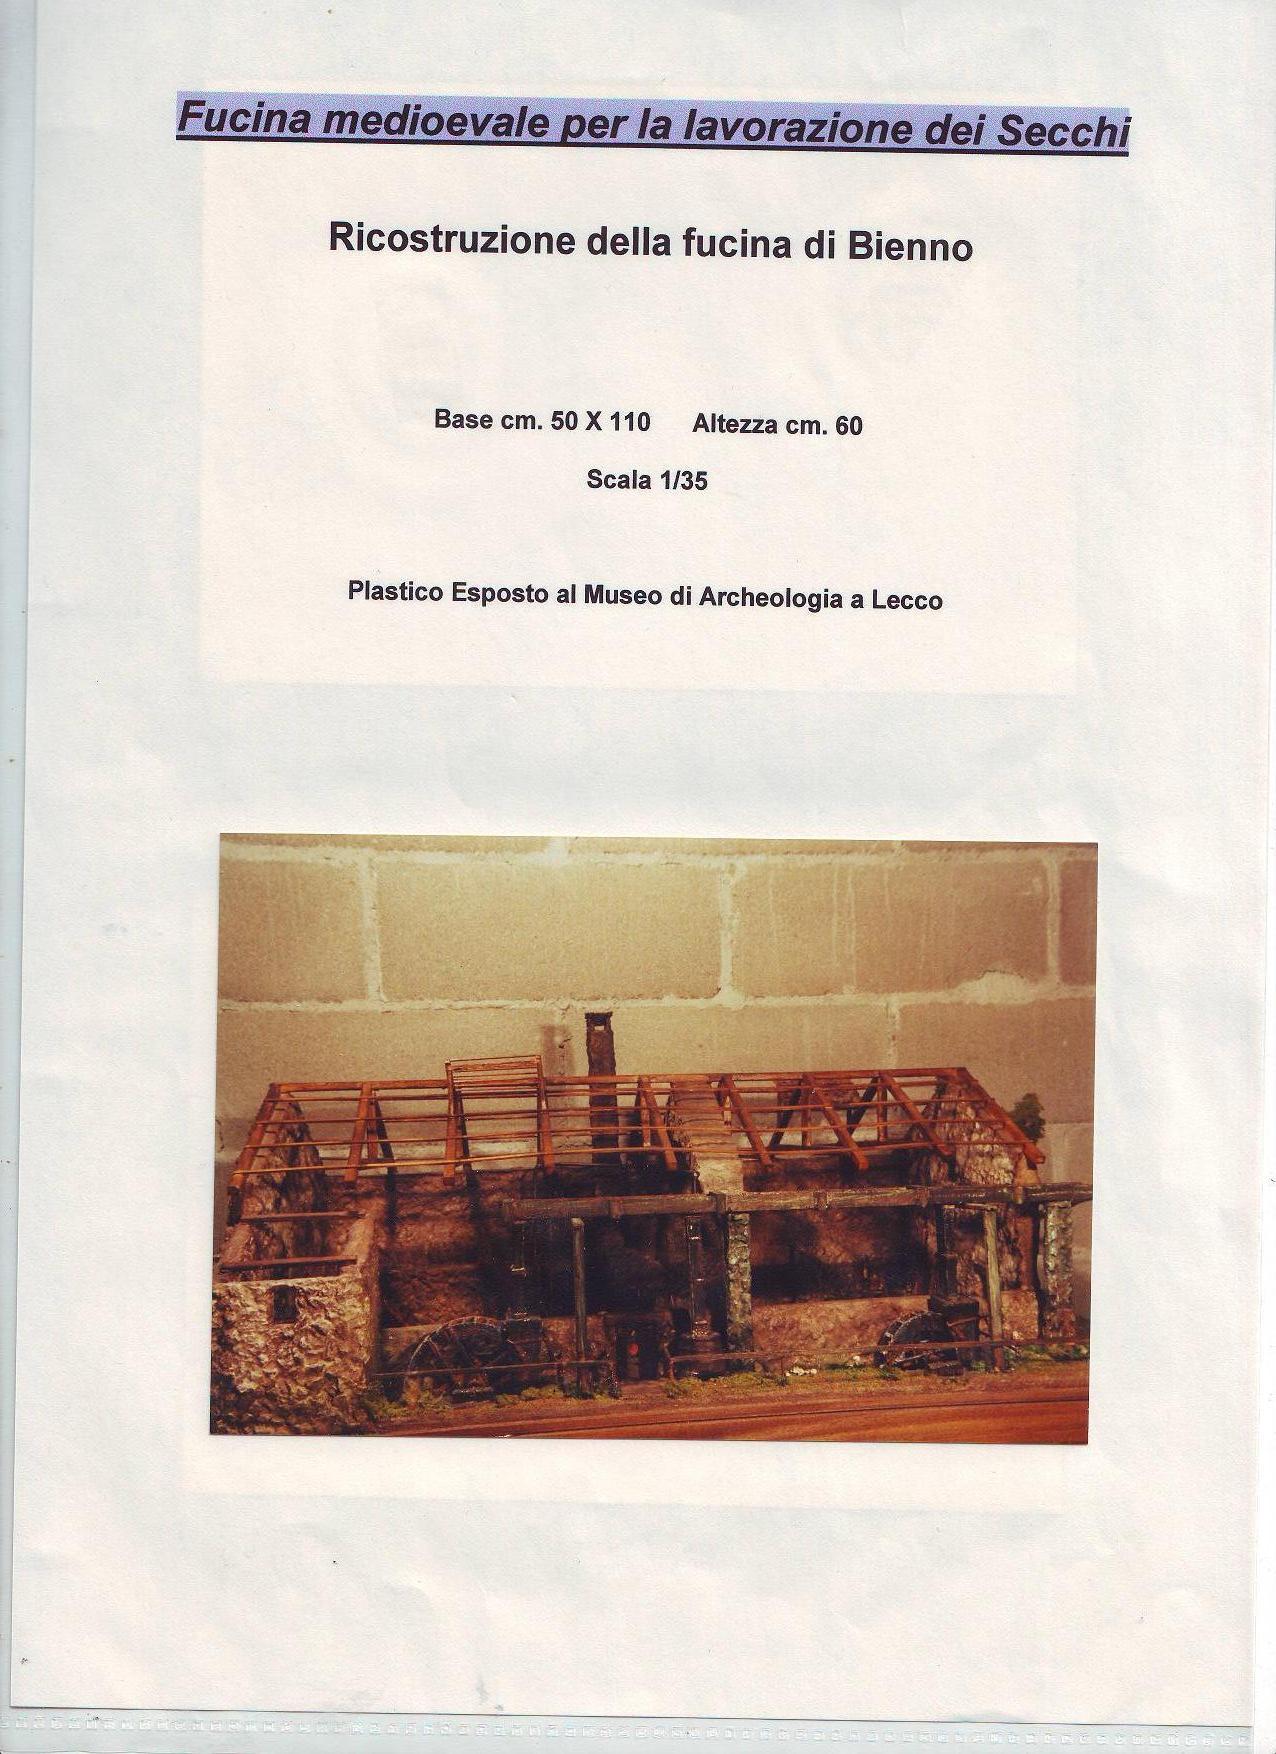 Fucina Medioevale per la costruzione dei secchi